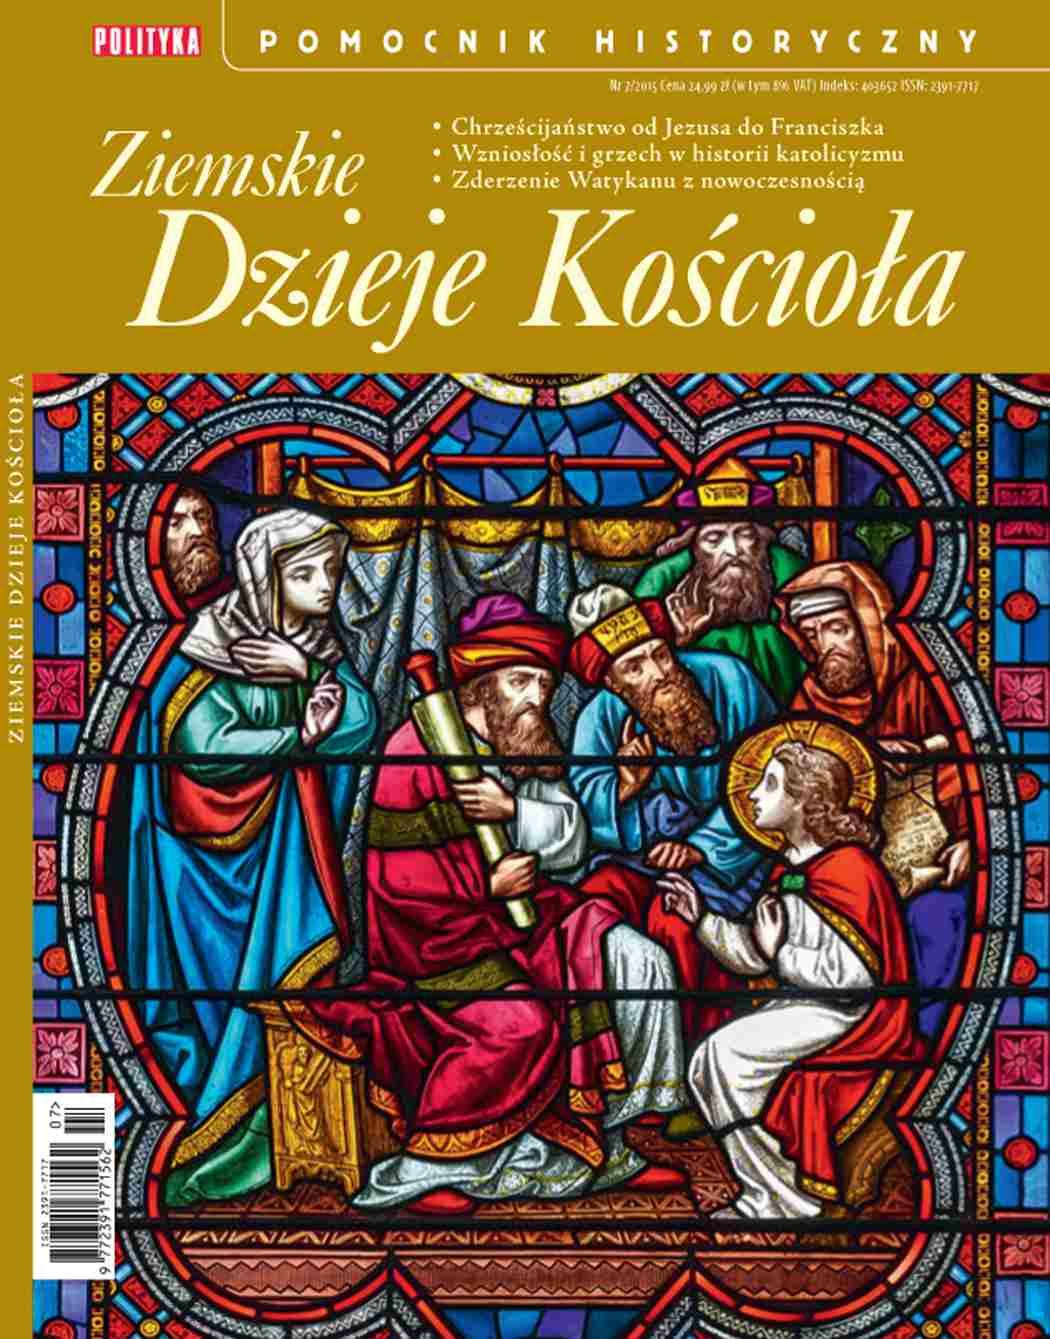 Pomocnik Historyczny. Ziemskie Dzieje Kościoła - Ebook (Książka PDF) do pobrania w formacie PDF